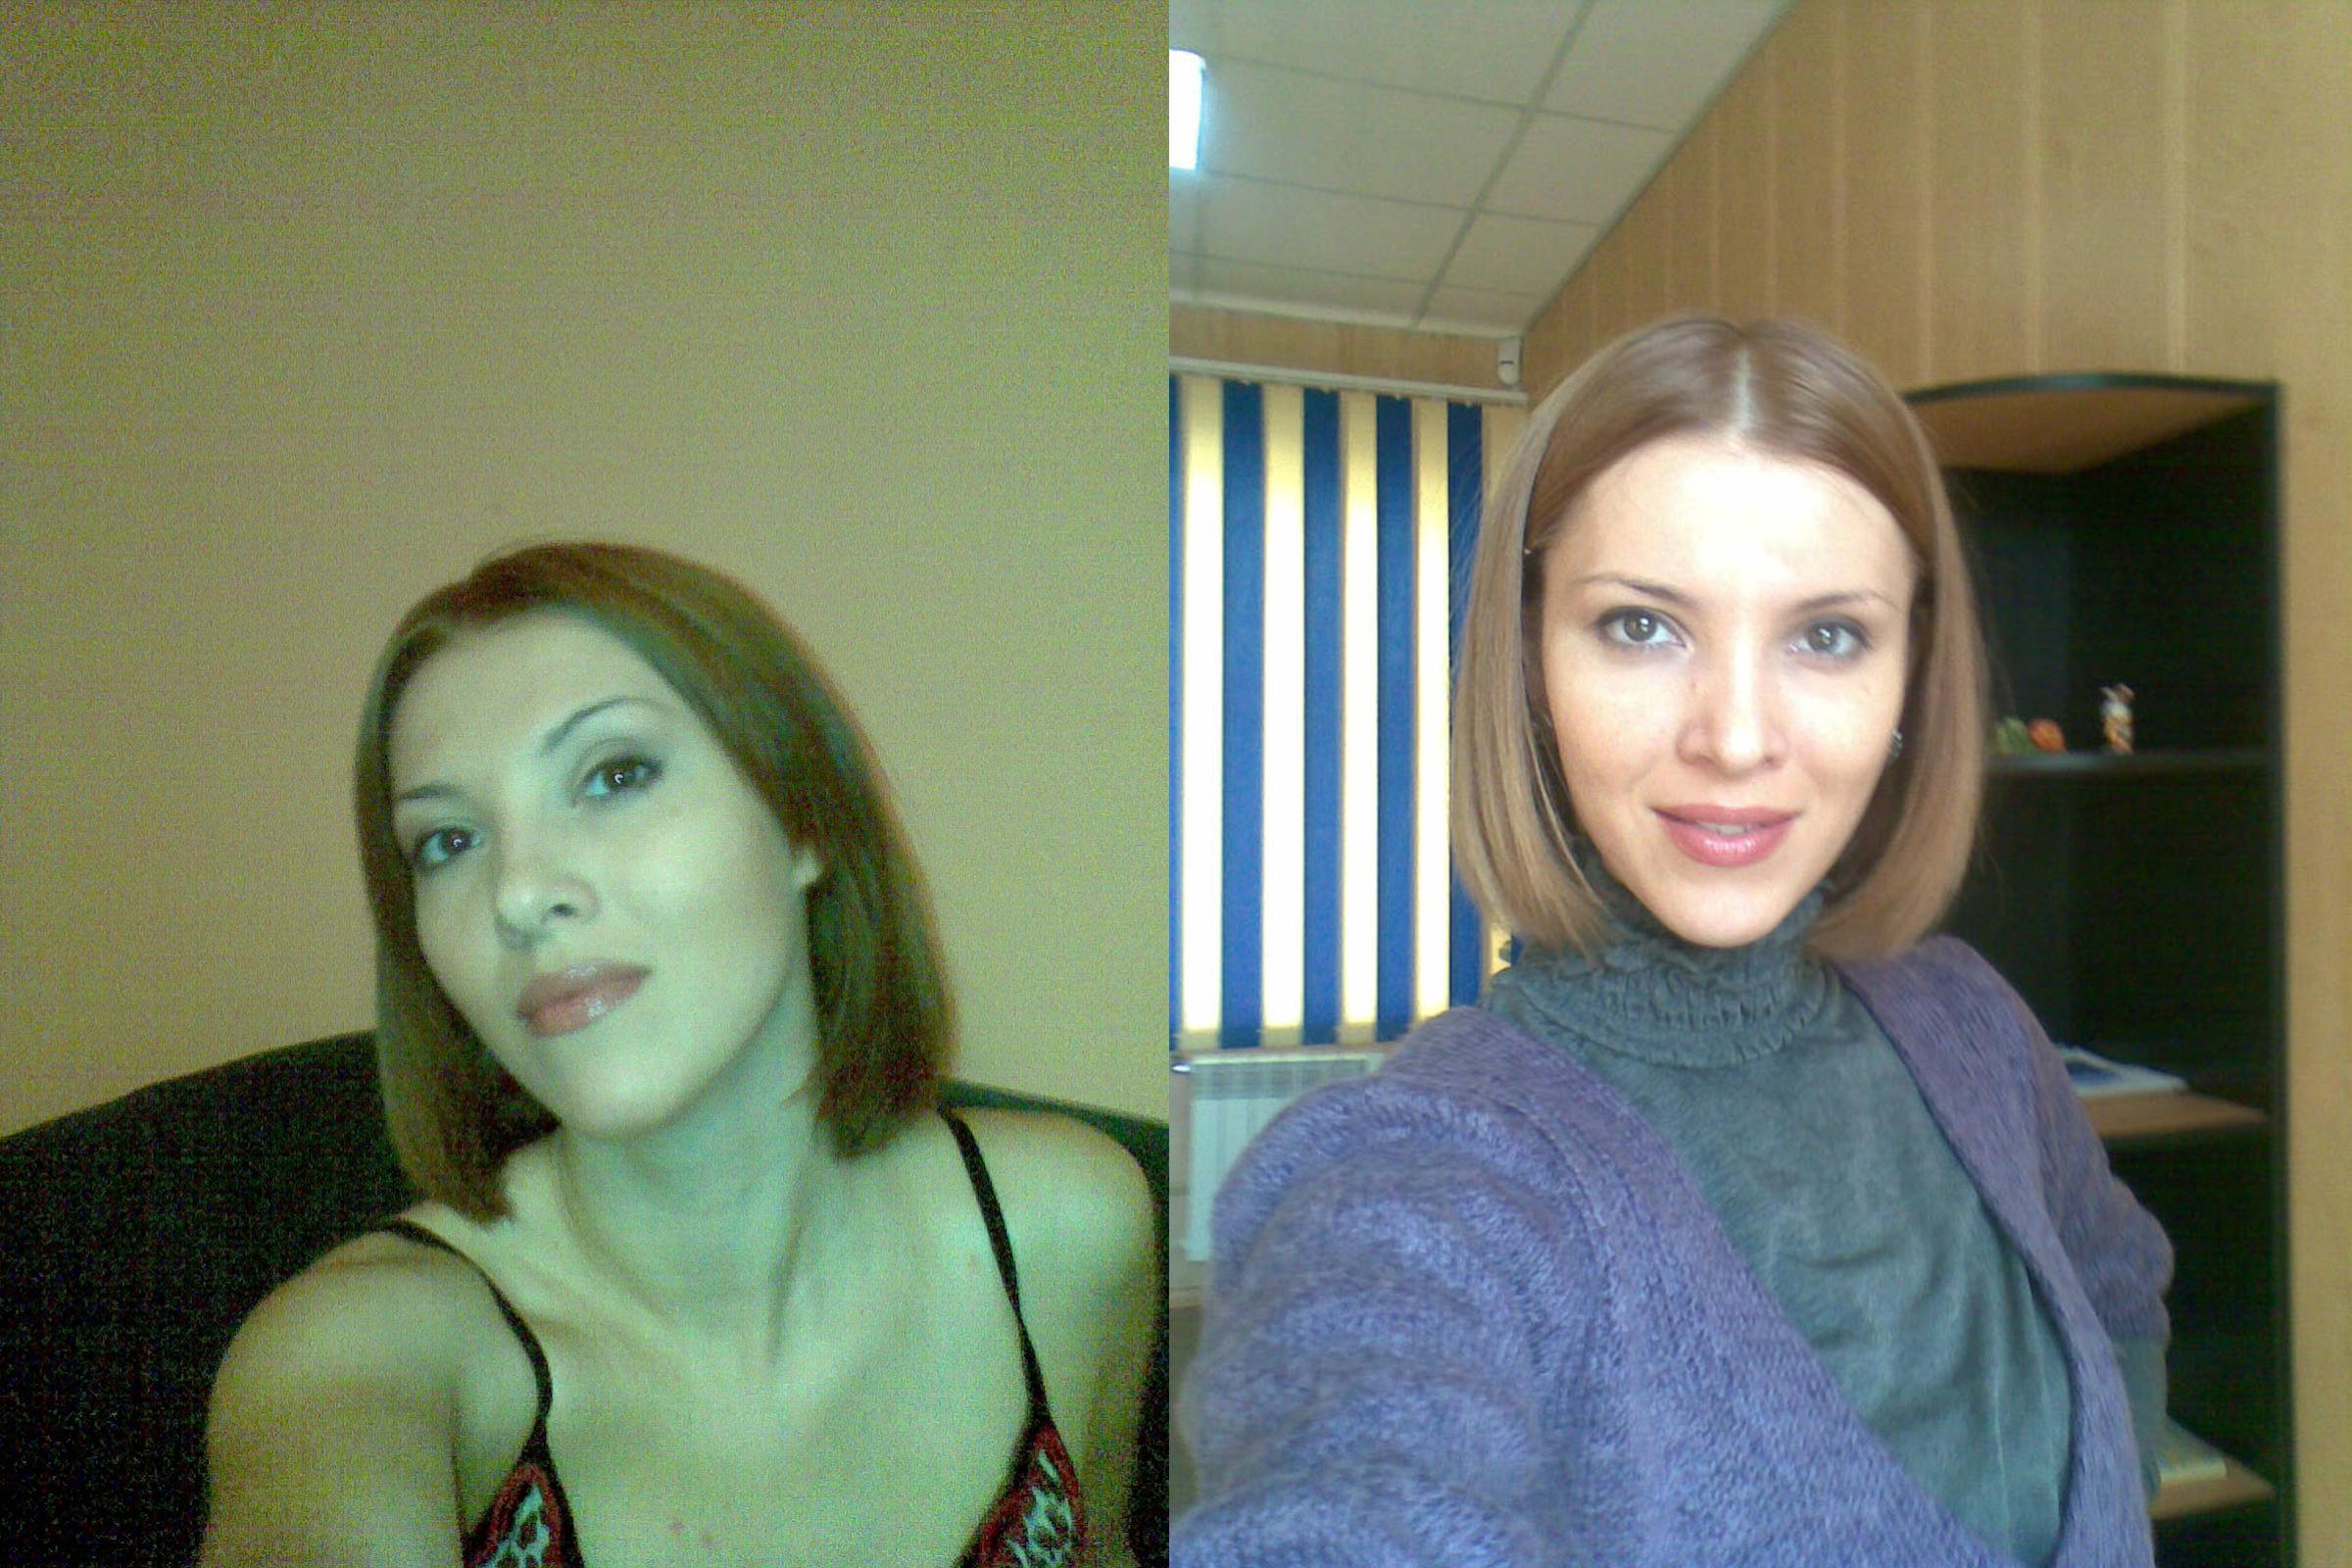 До и После.jpg, 1.83 Мб, 2400 x 1600